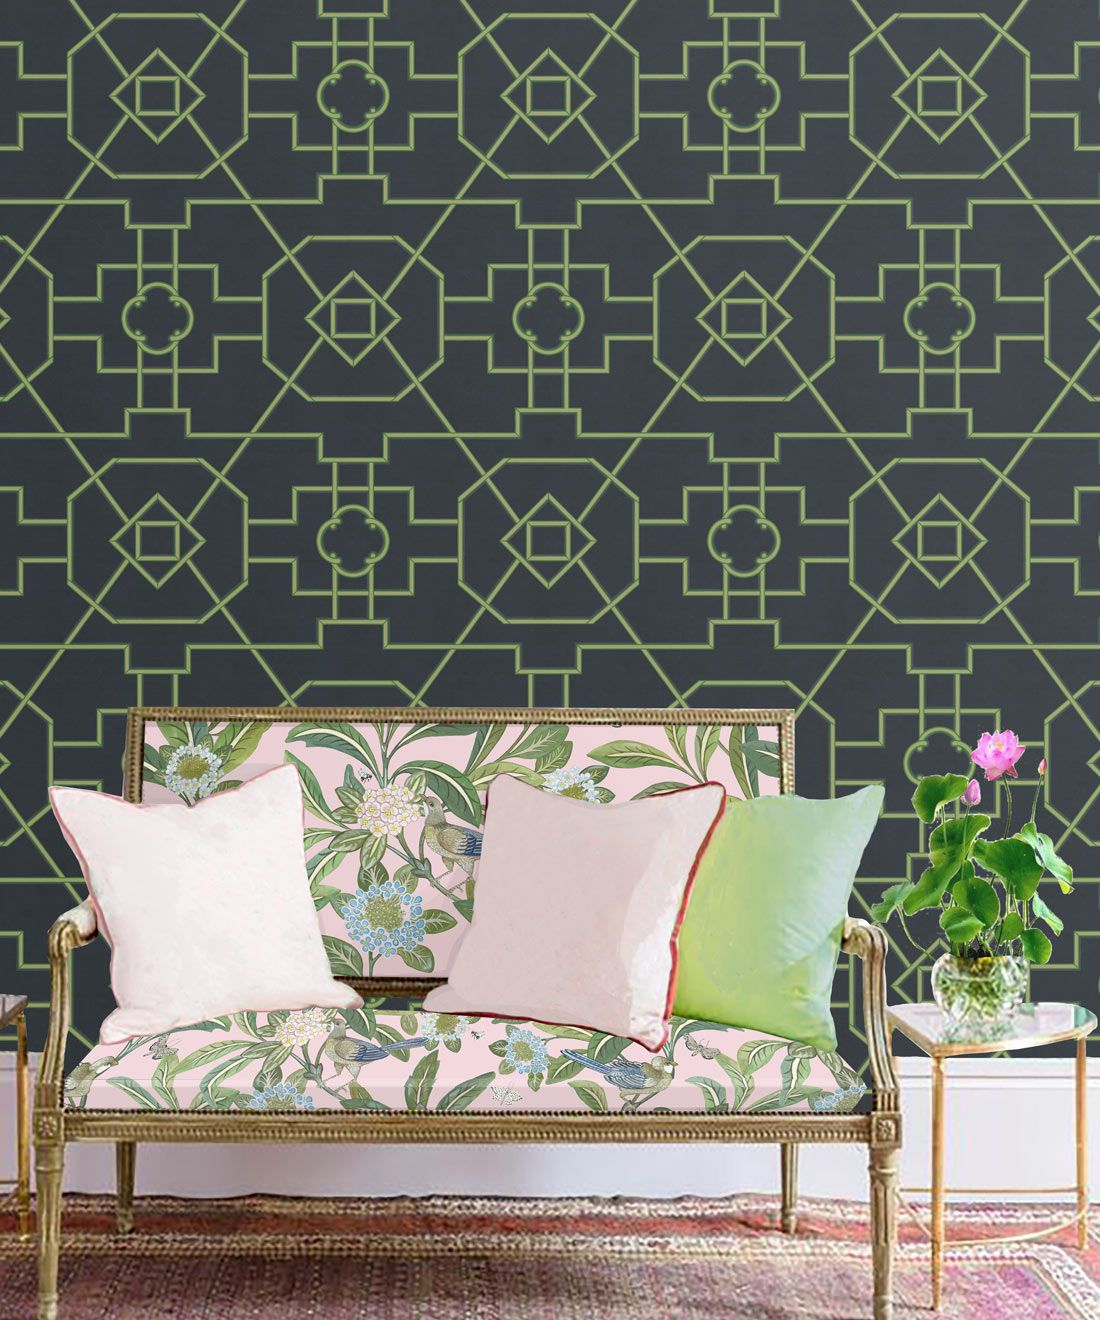 Trellis Wallpaper • Geometric Wallpaper • Charcoal Wallpaper • Insitu